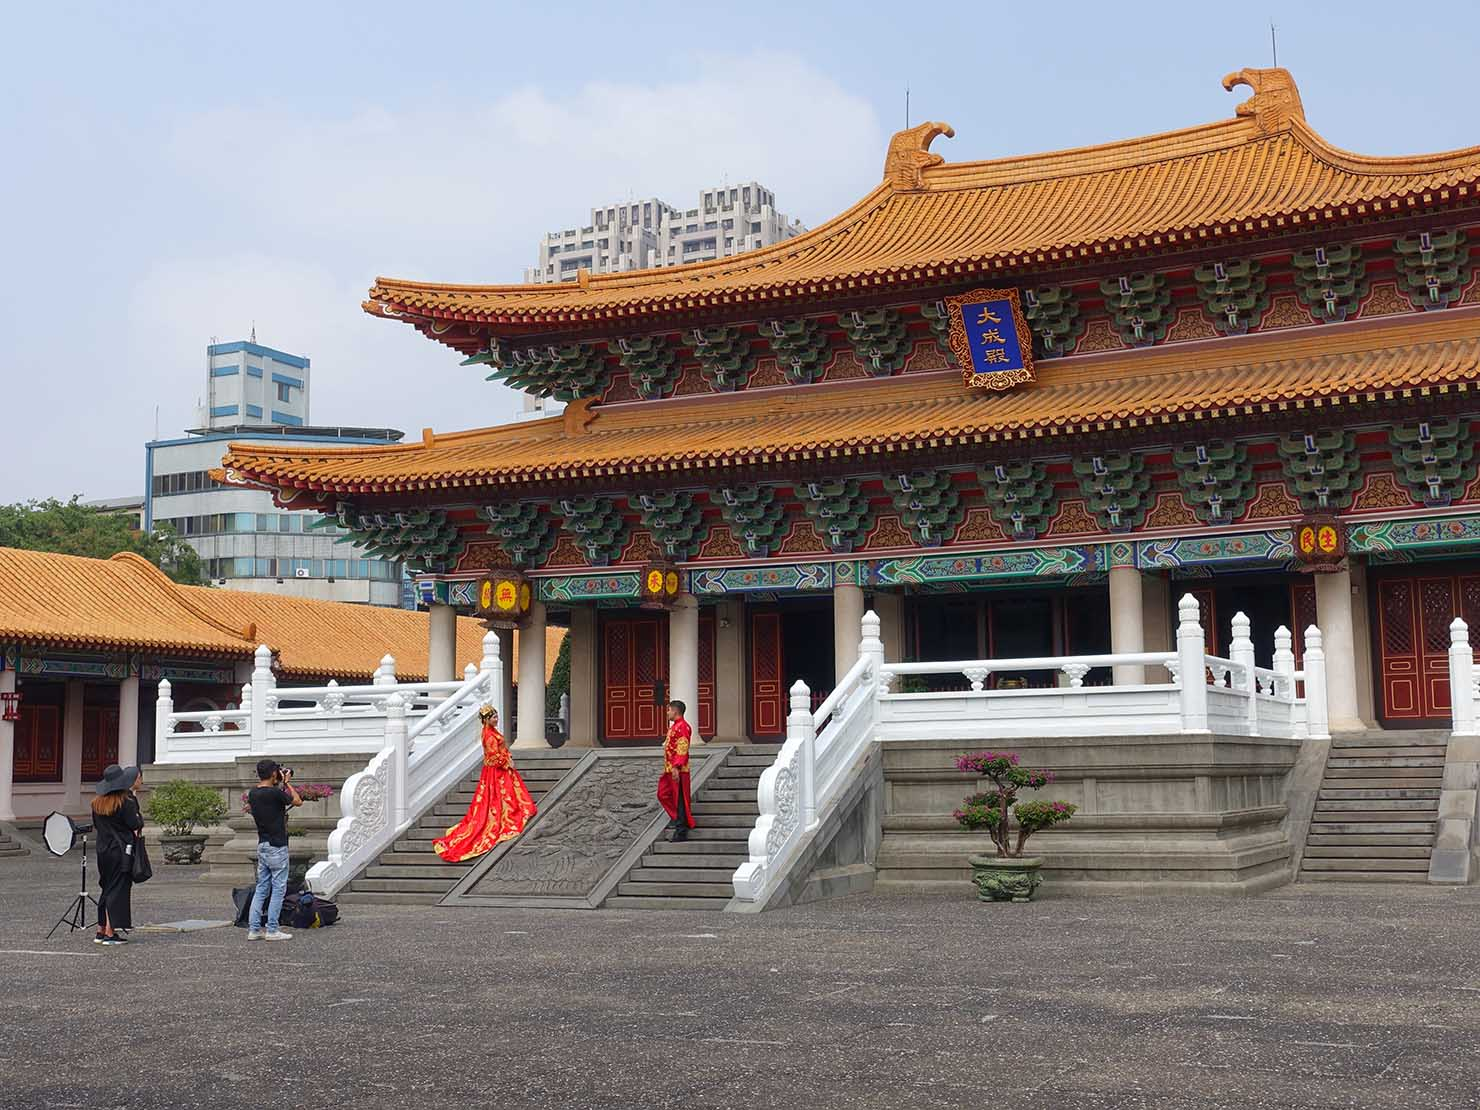 台中観光のおすすめスポット「孔廟」